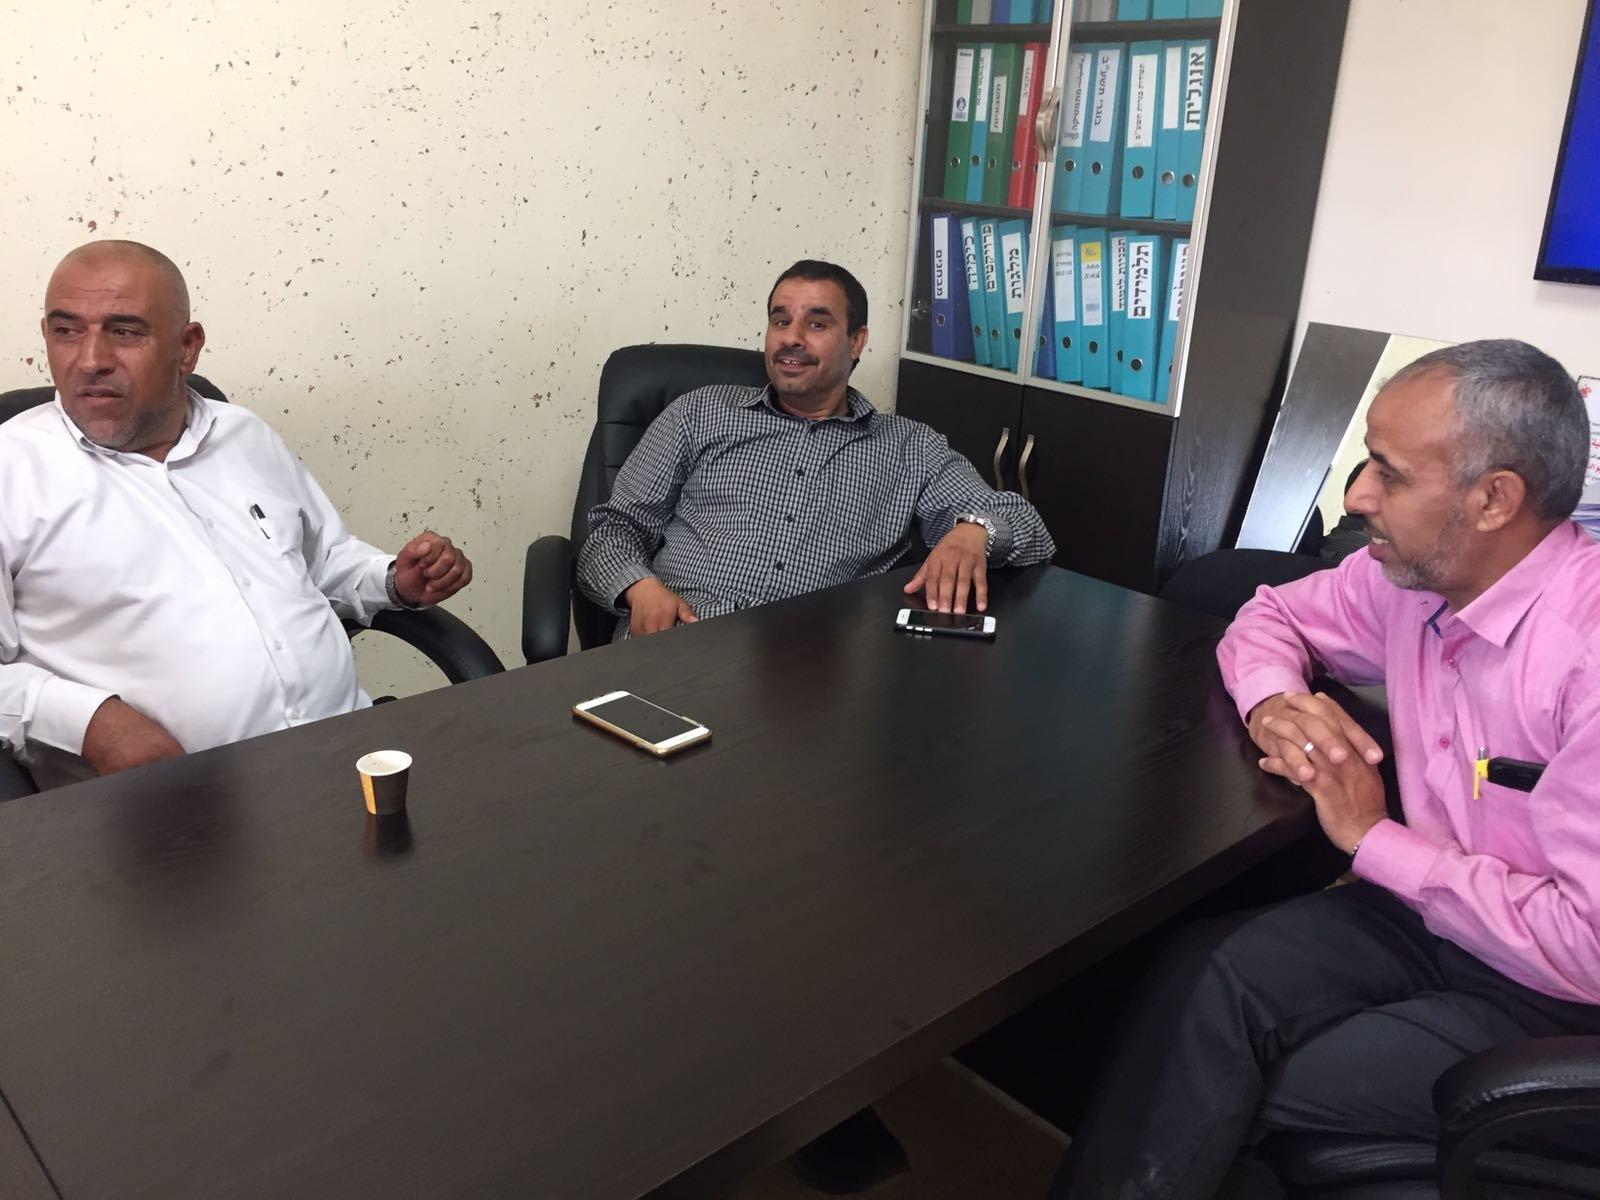 تشجيعا للتنافس والمدارس الأهلية .. النائب ابو عرار يفتتح السنة الدراسية في مدرسة عهد الأهلية للعلوم